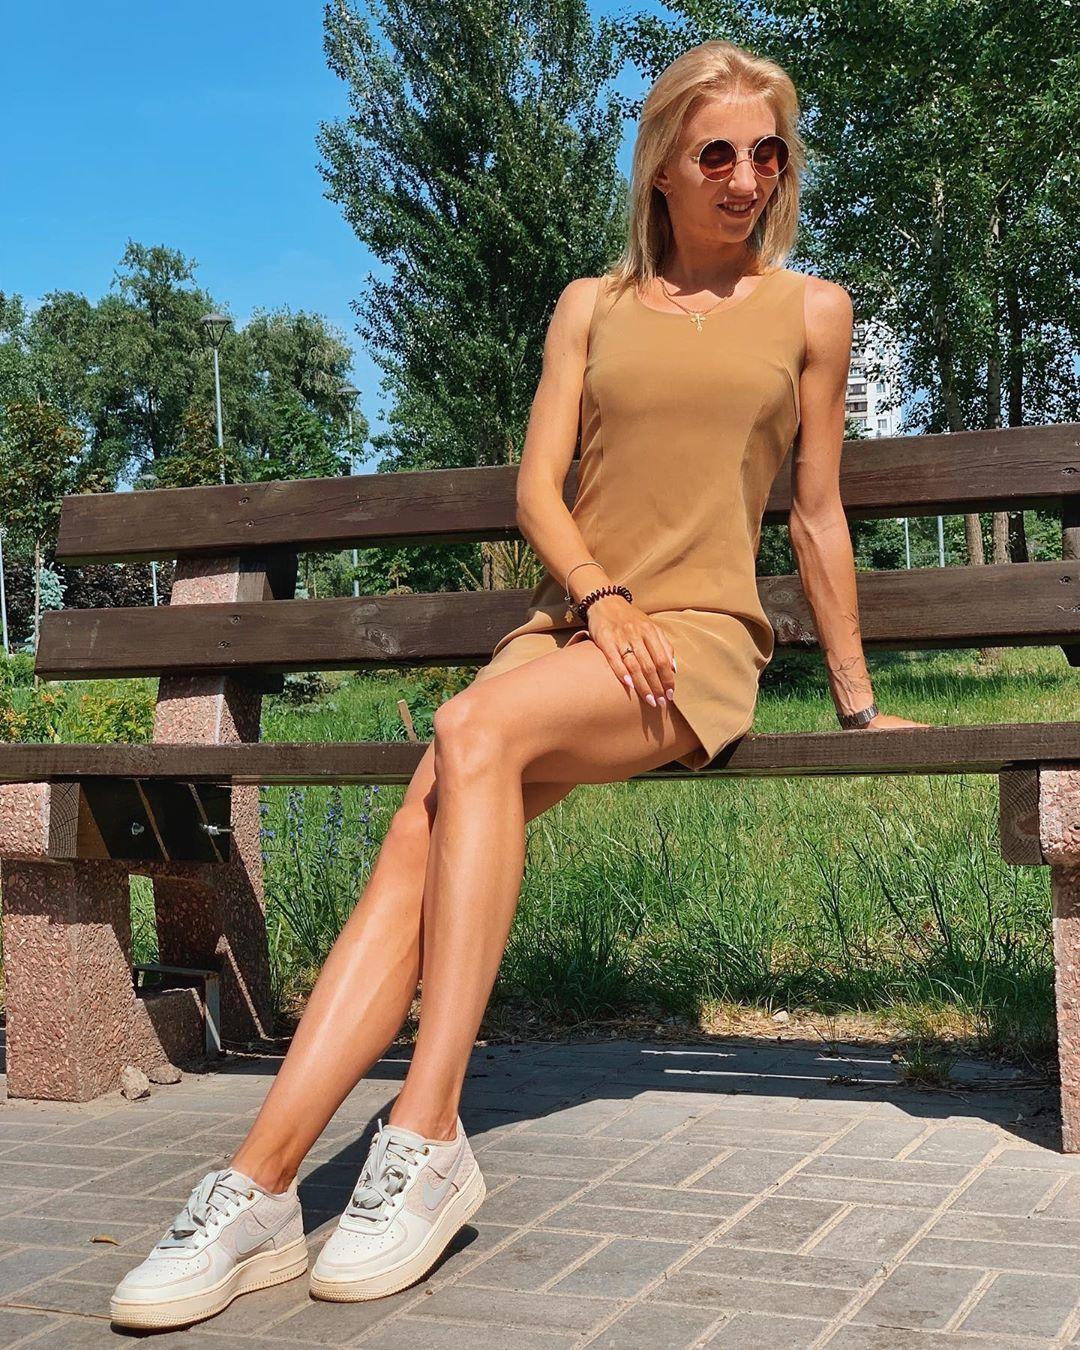 Украинская легкоатлетка, снимавшаяся обнаженной в Крыму, поразила сказочной фигурой